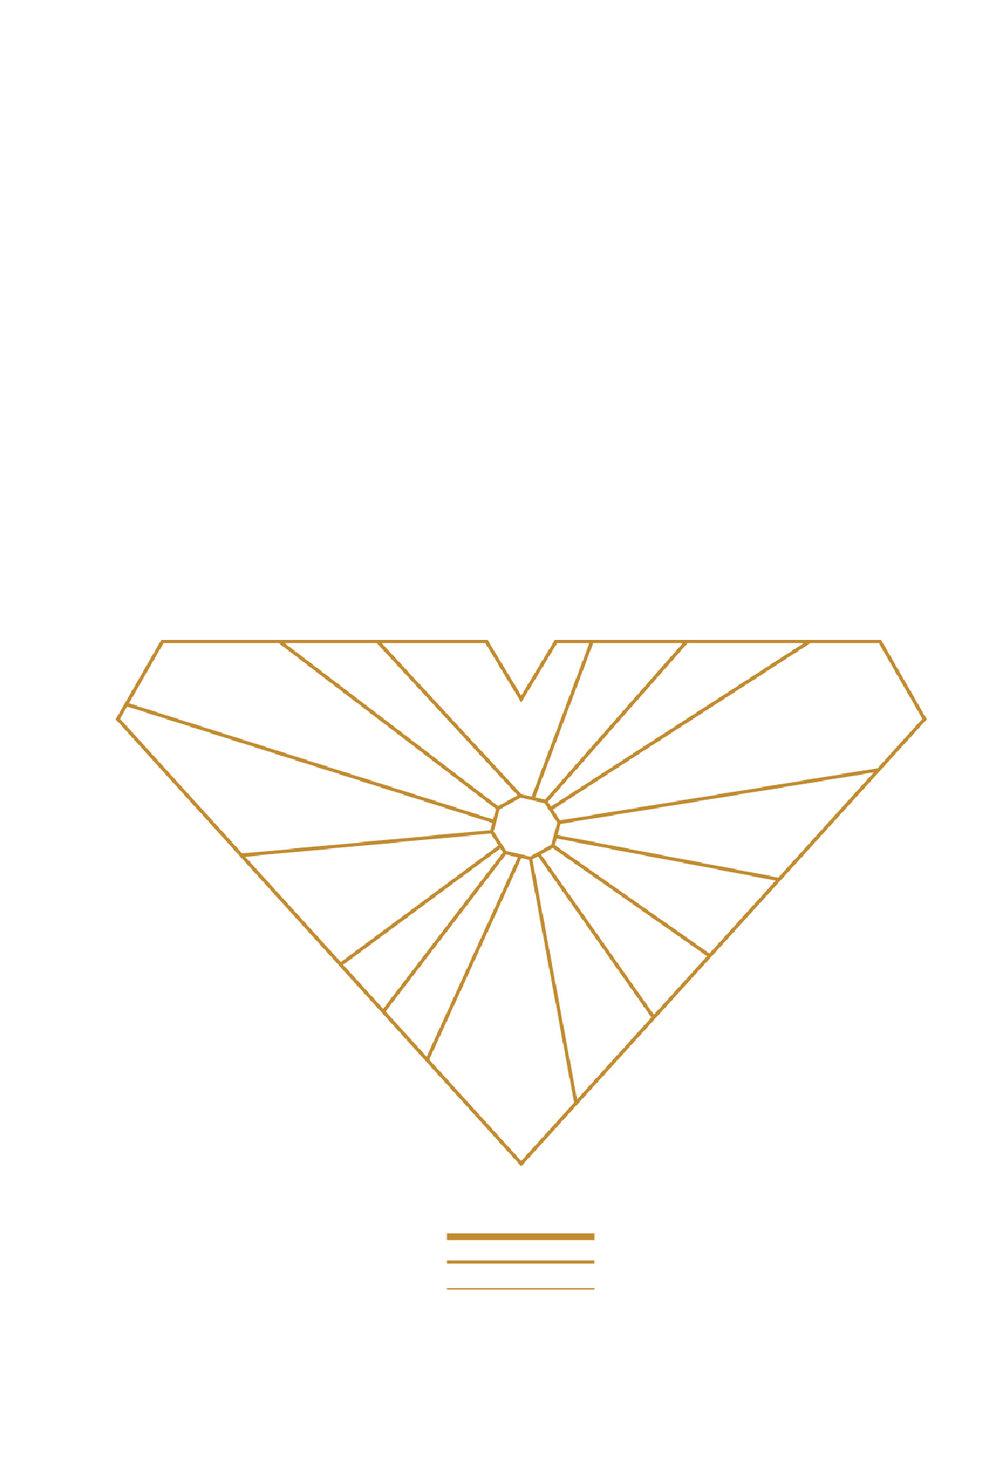 dandelion vitaliti instagram squarespace.jpg